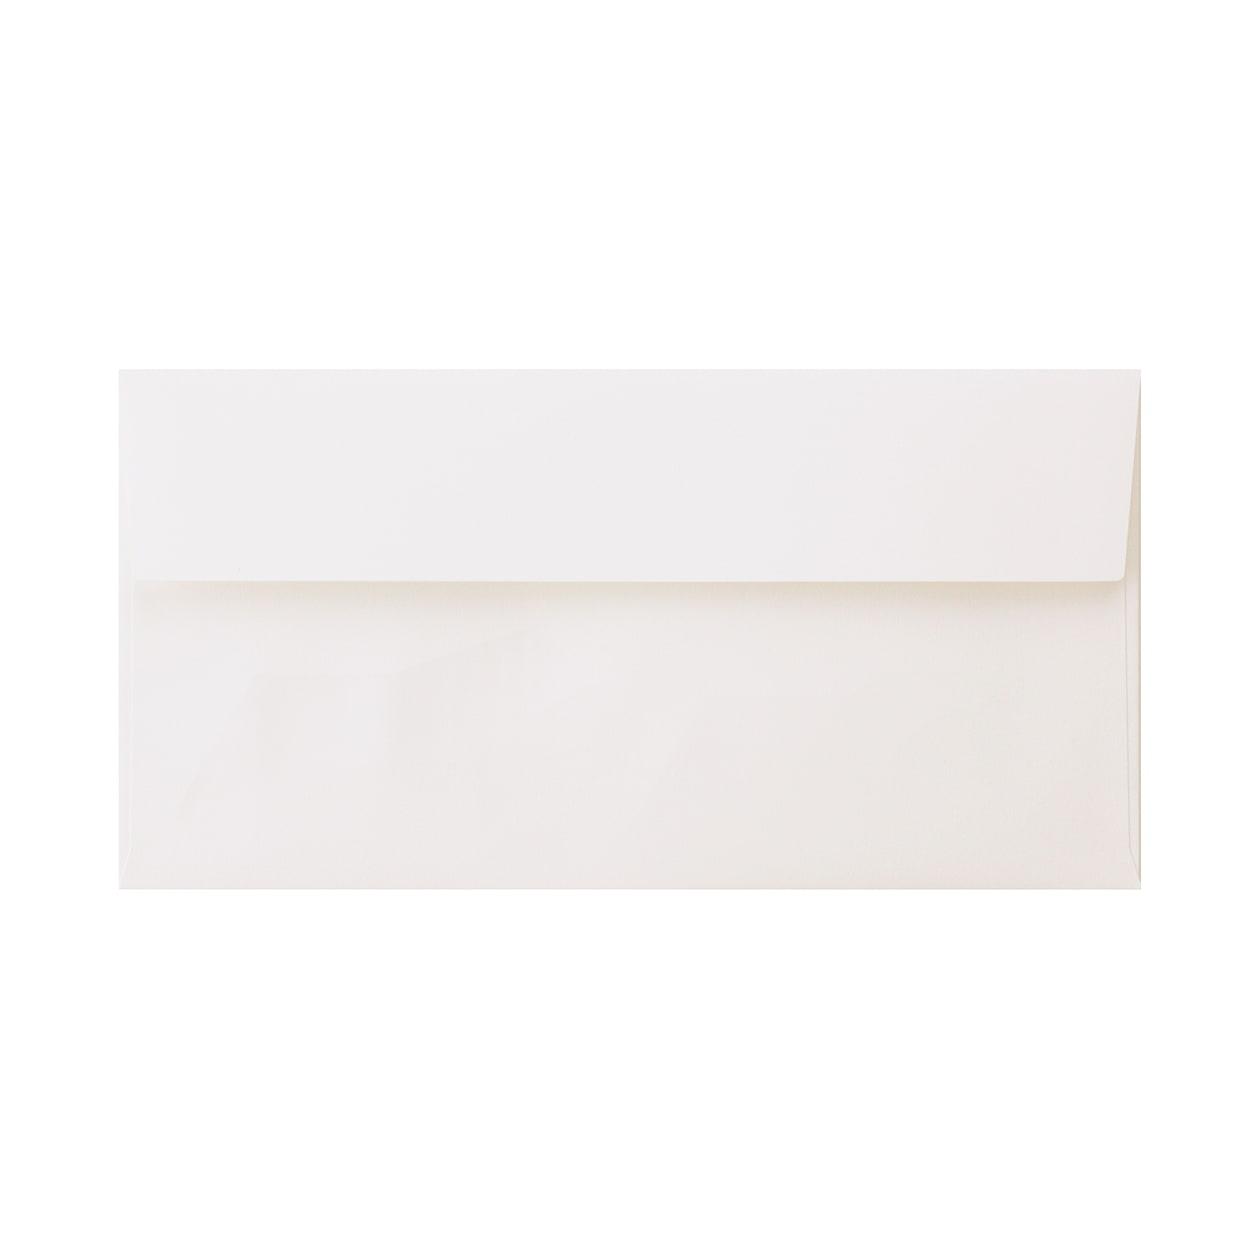 見本 00019 長3カマス封筒 コットン スノーホワイト 116.3g